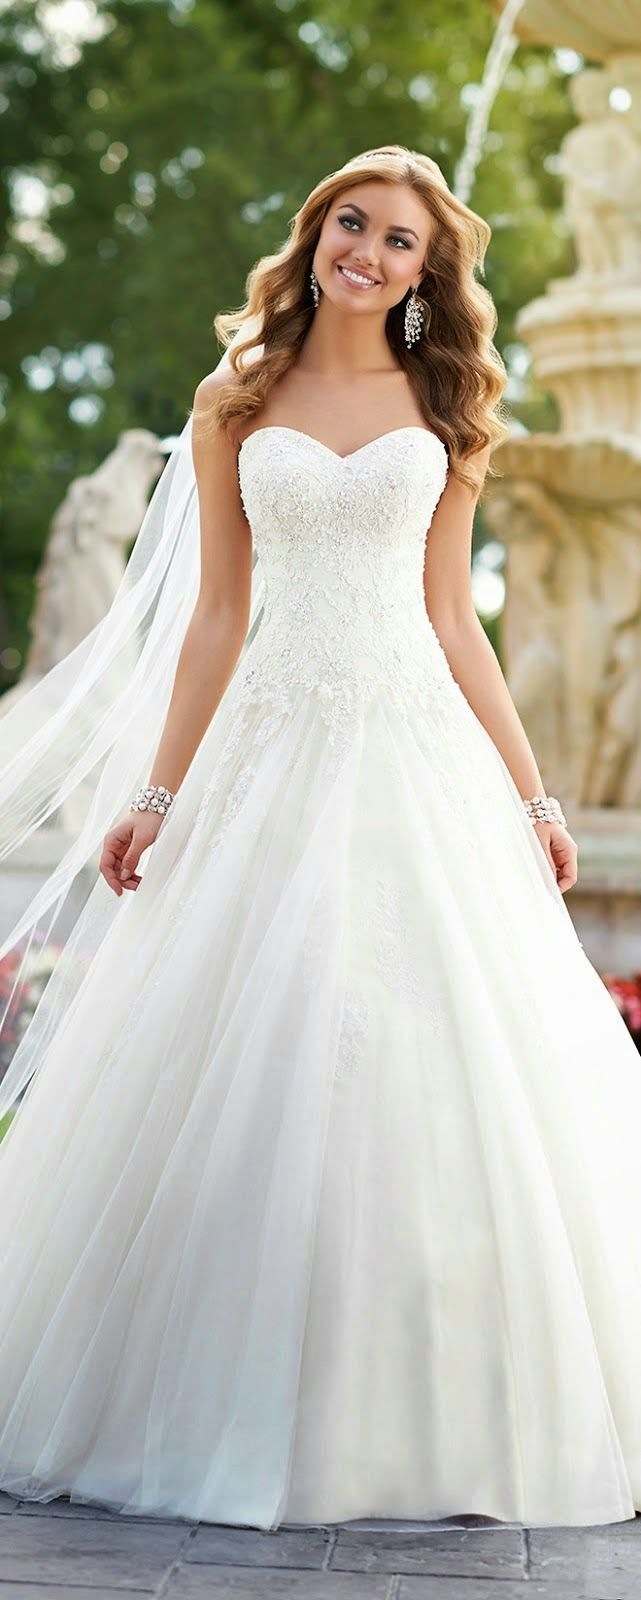 Pruebate tu vestido de novia 10 cosas que la novia debe hacer el dia antes de la boda